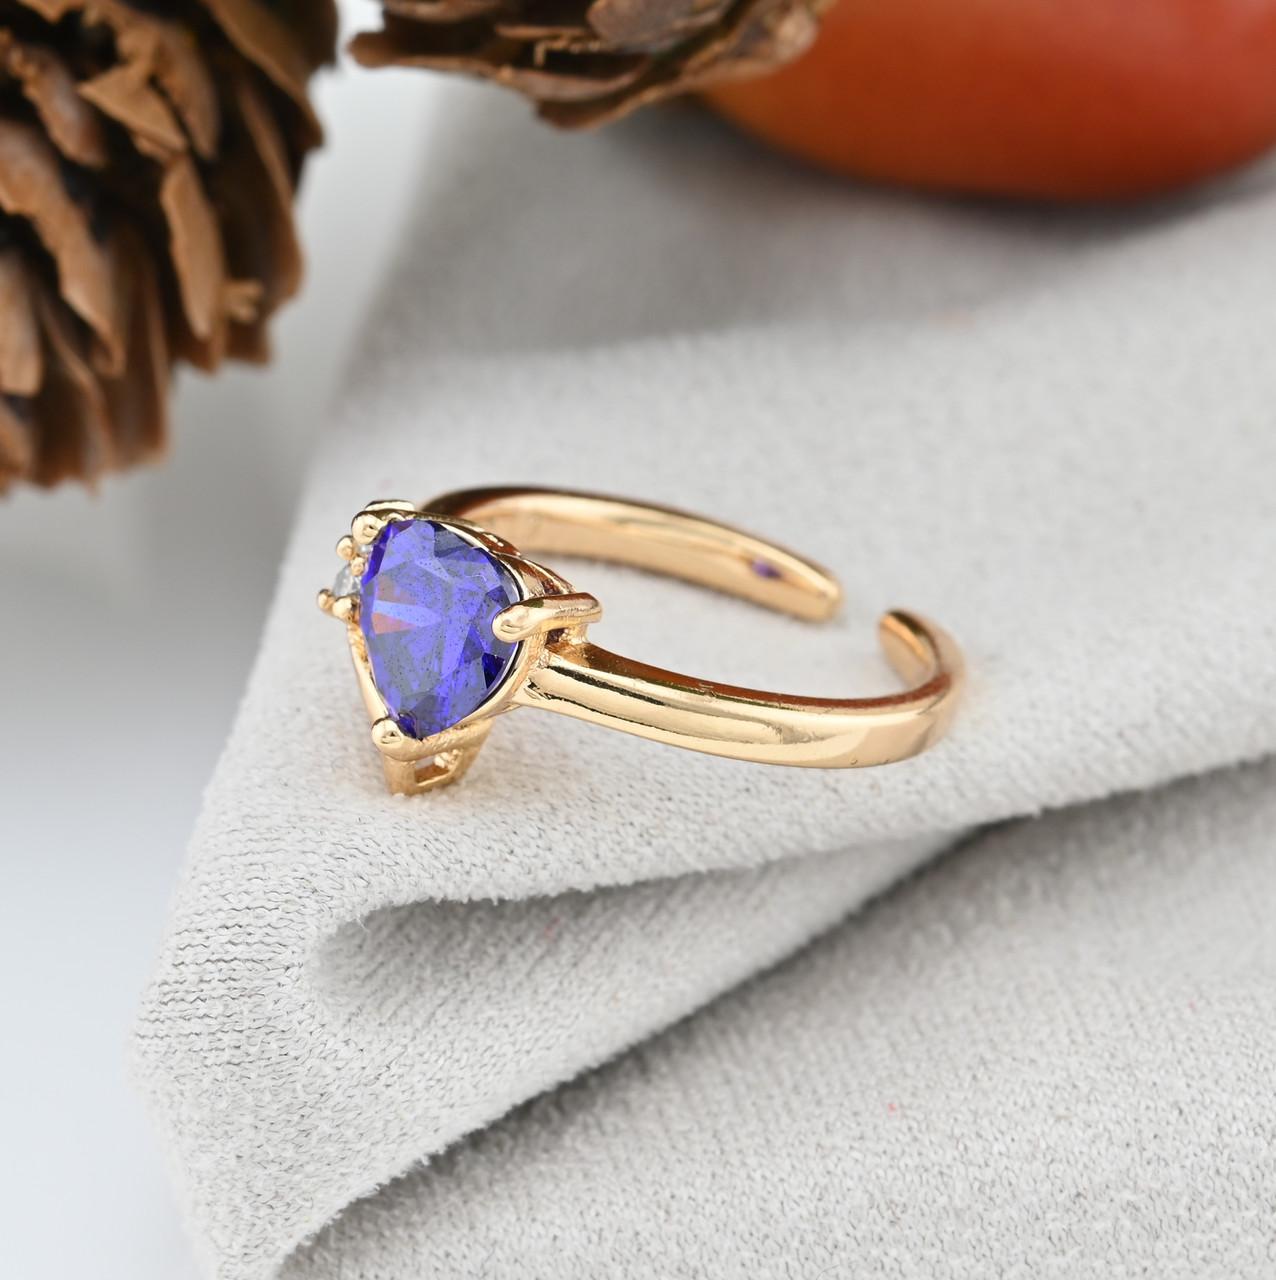 Кольцо Xuping детское 15152 регулируемое ширина 8 мм вес 1.5 г белые и фиолетовый фианиты позолота 18К